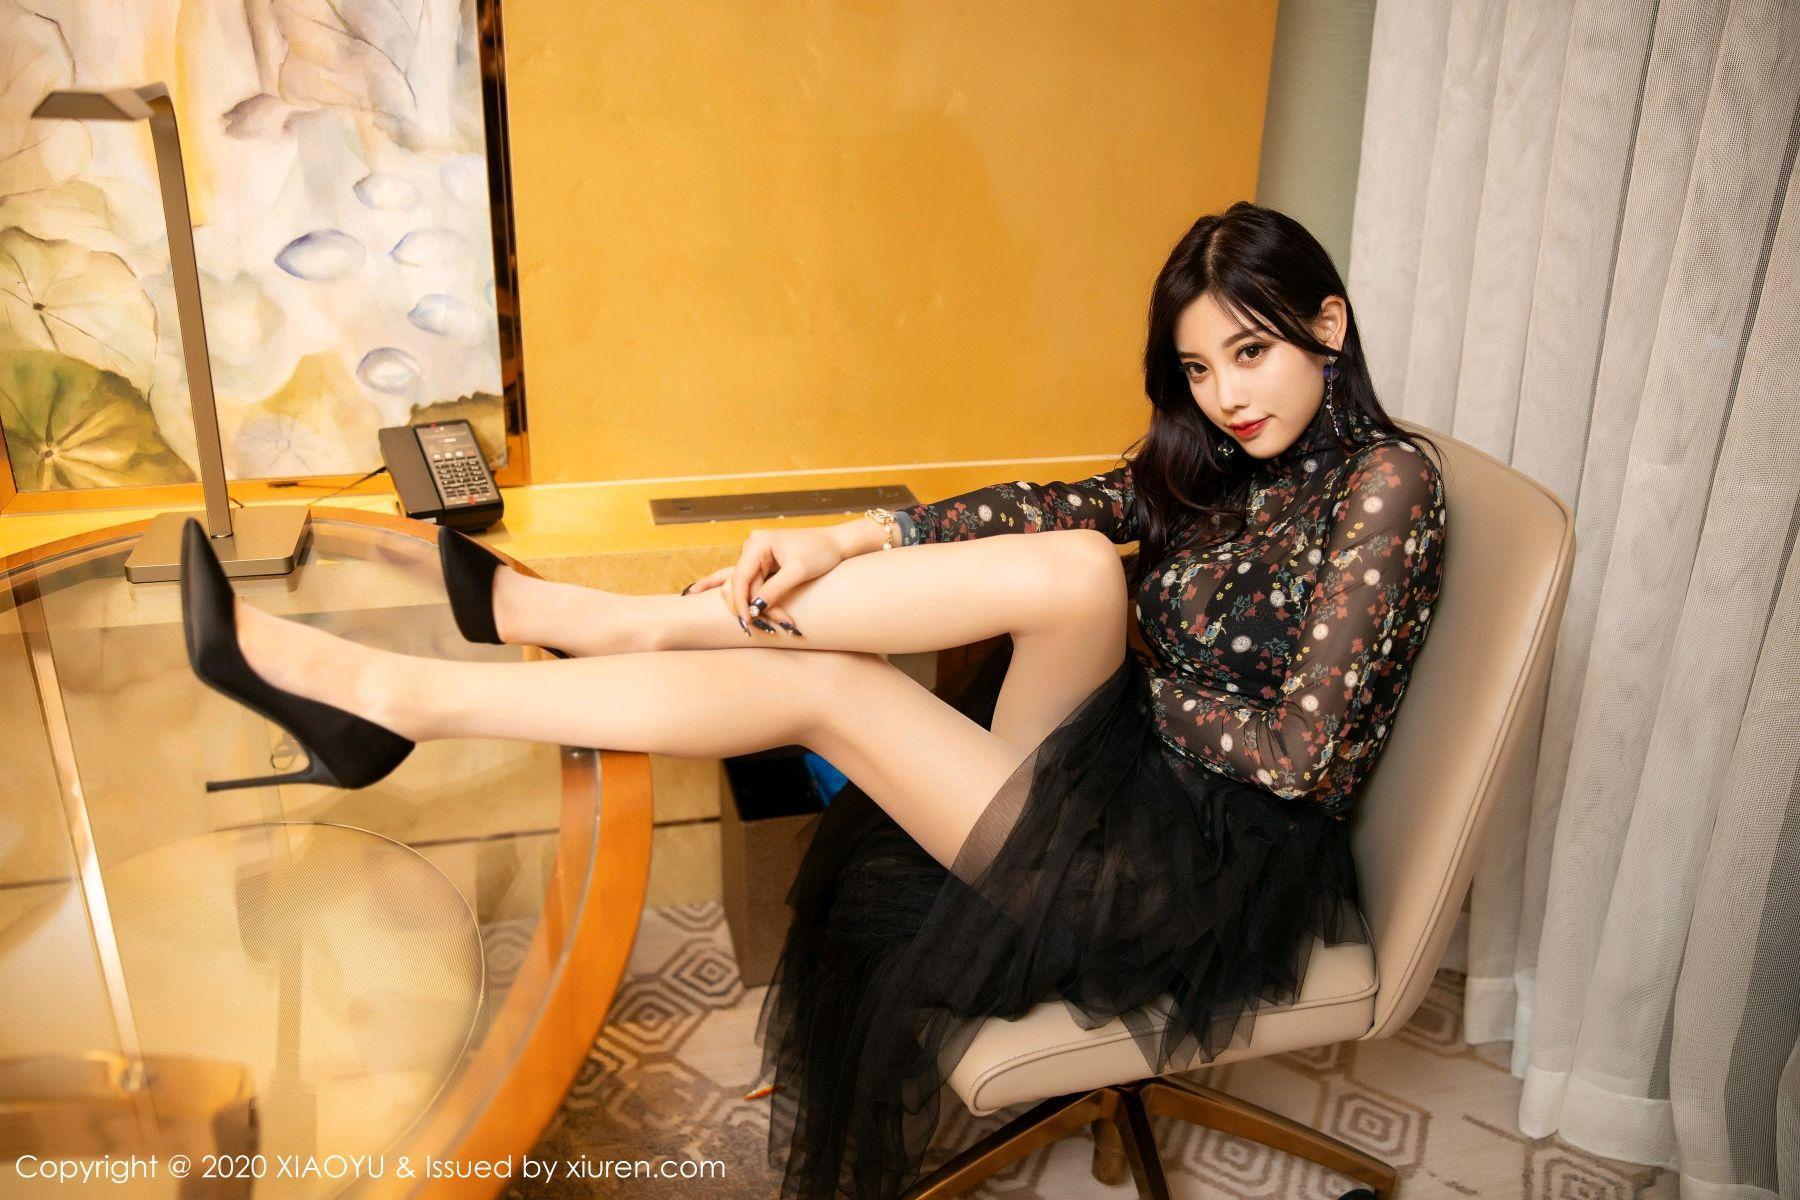 [XiaoYu] Vol.289 Yang Chen Chen 26P, Underwear, XiaoYu, Yang Chen Chen